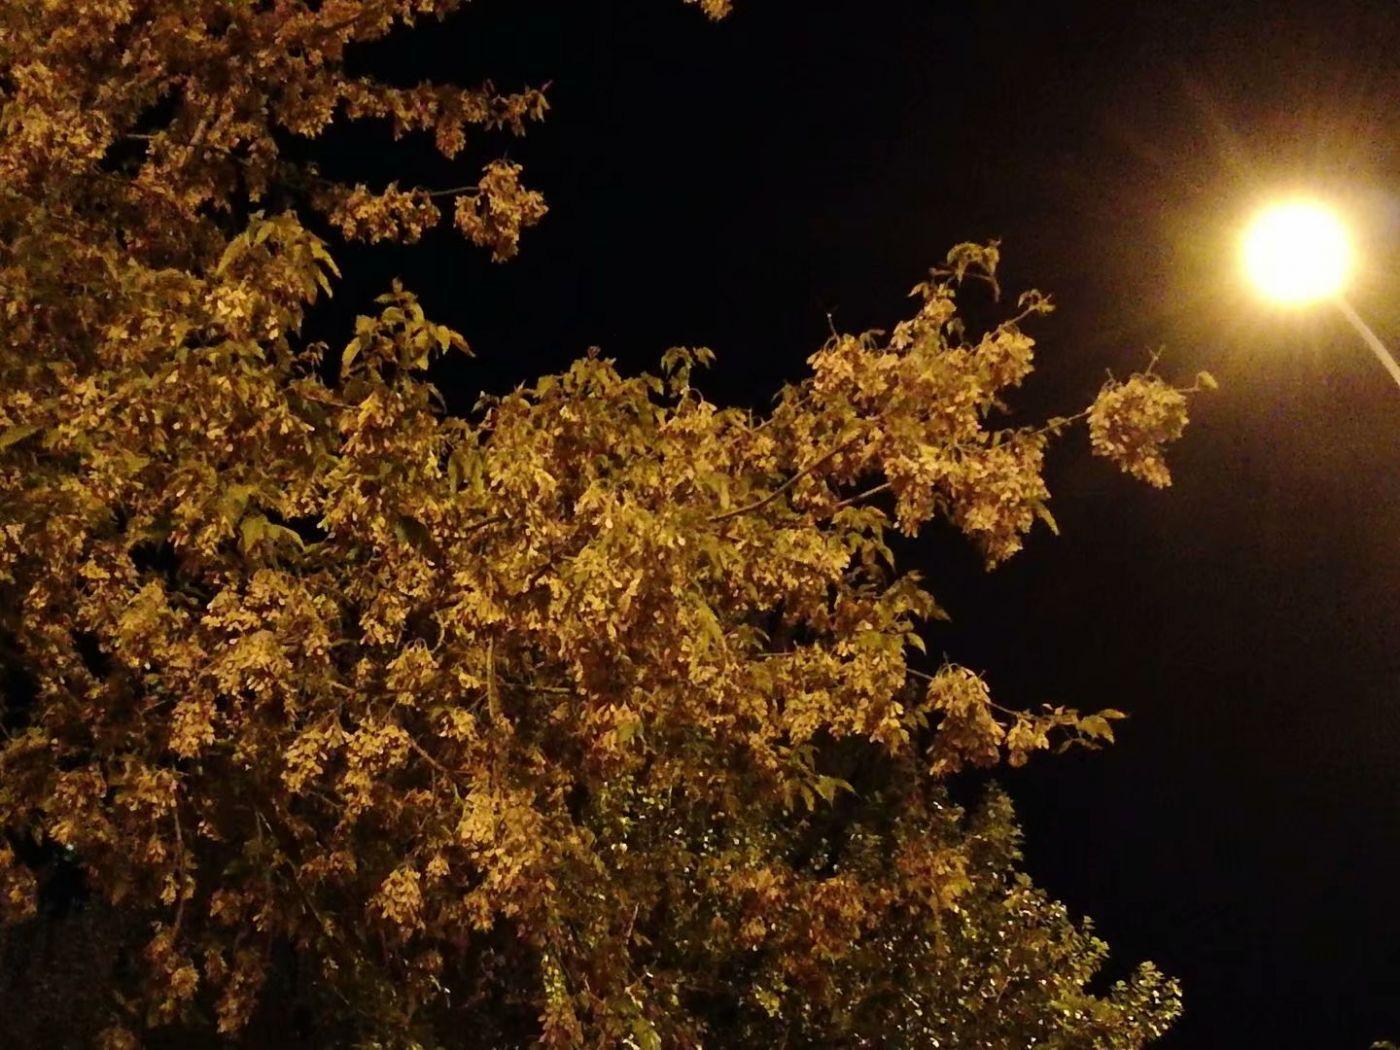 秋夜望秋(图)_图1-1